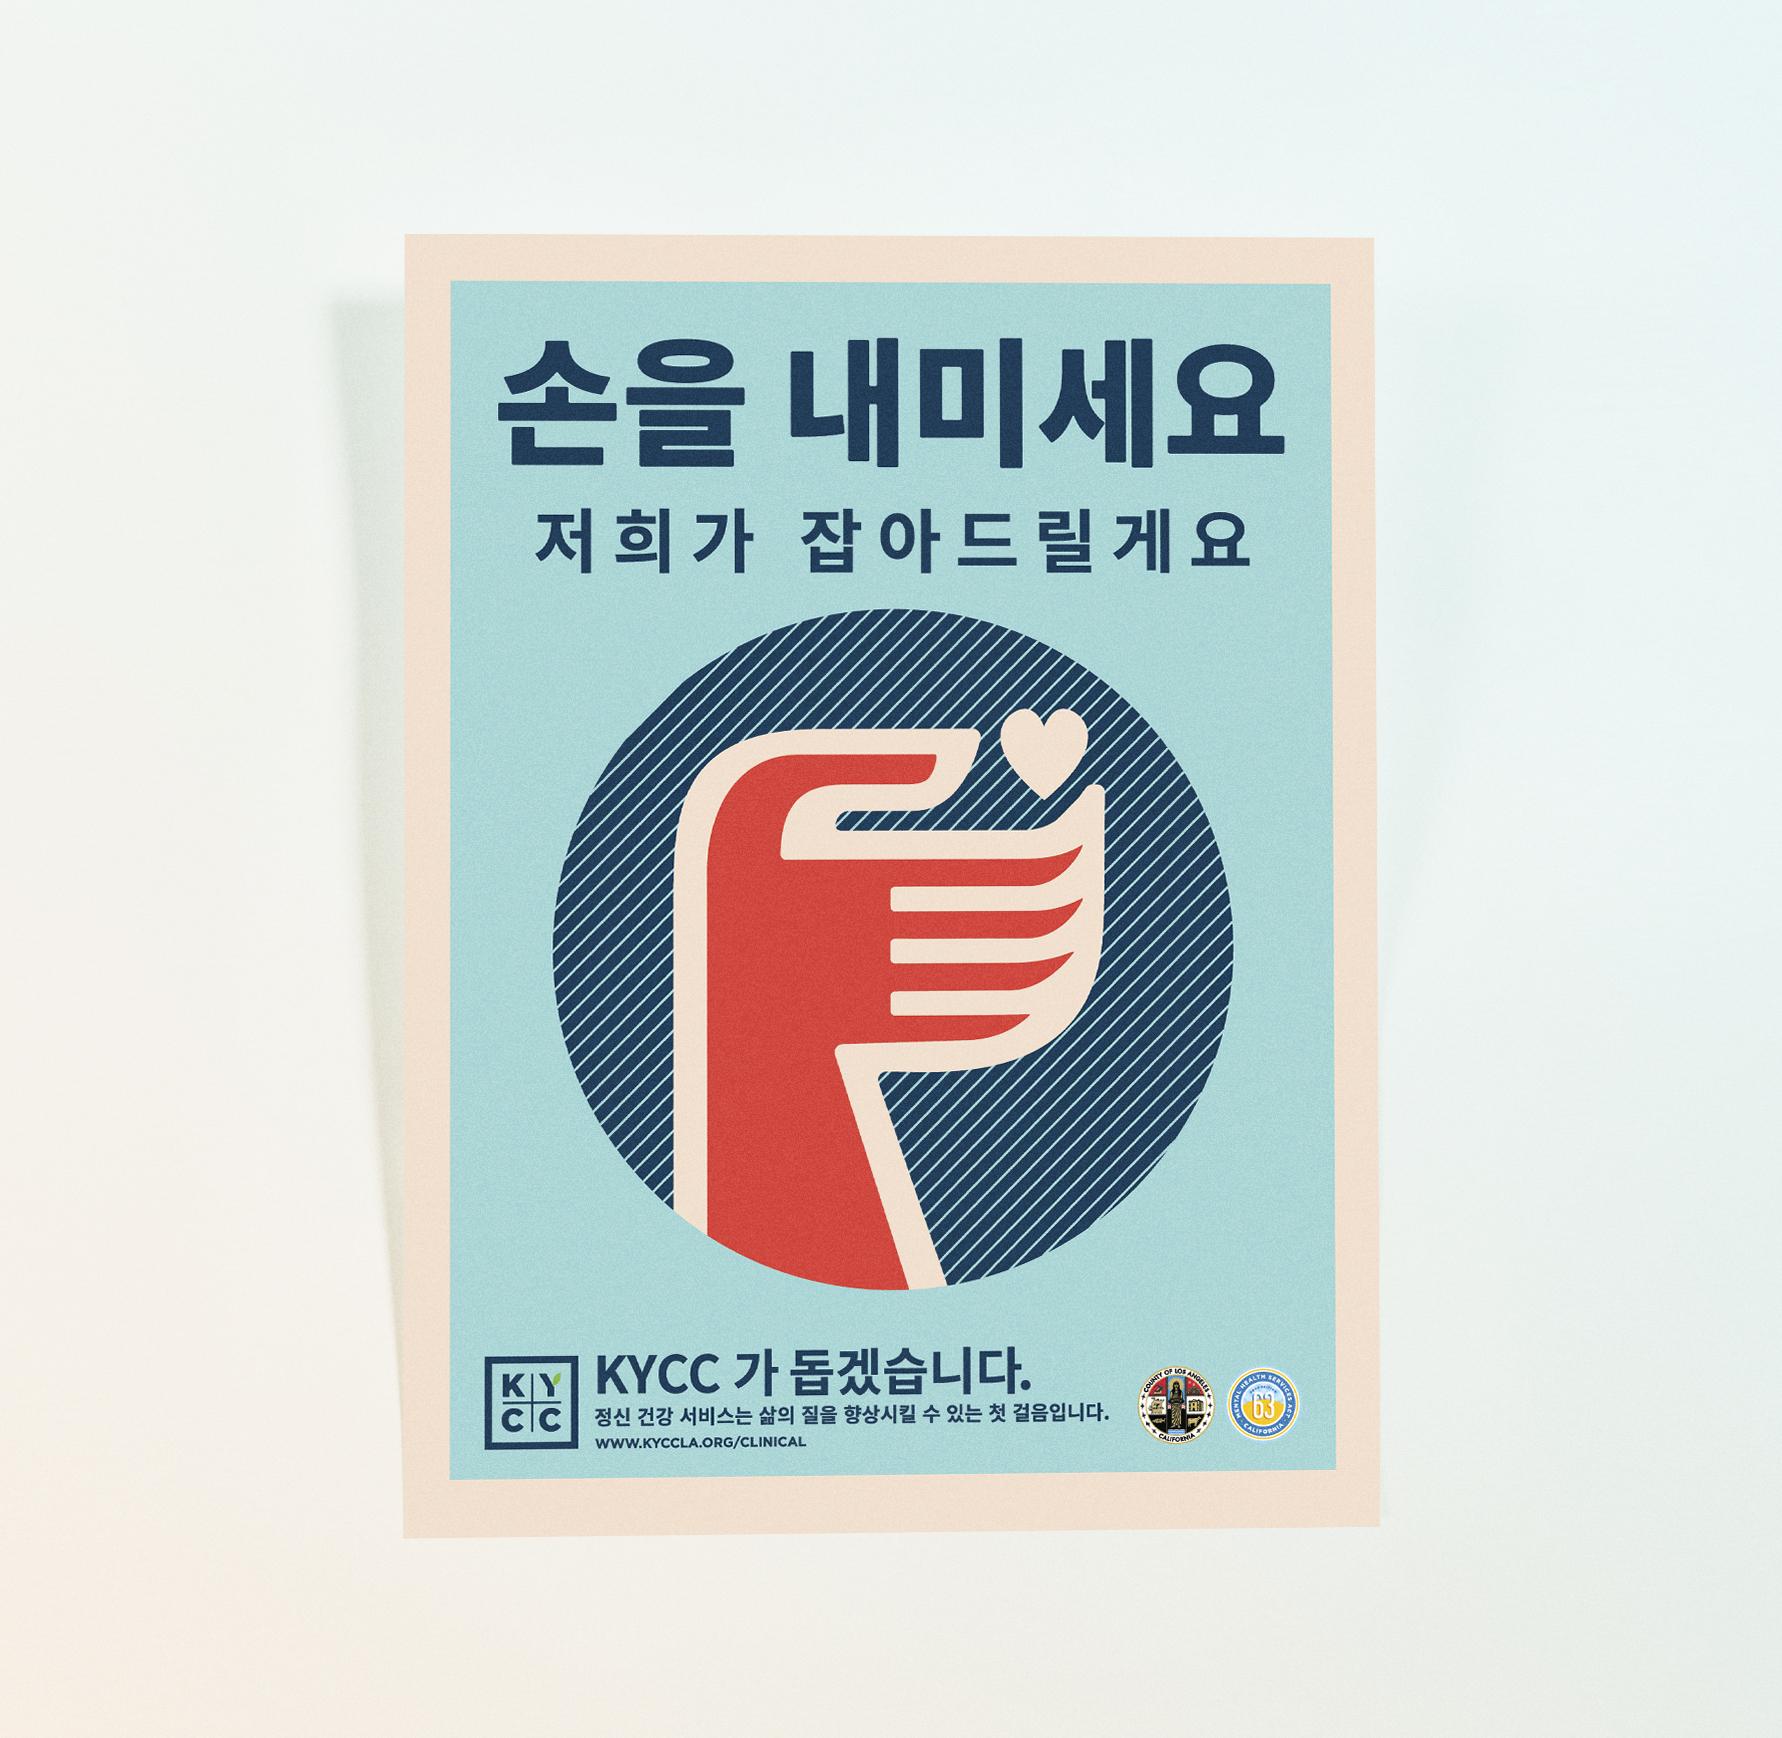 KYCC_MH_Poster_Korean.jpg